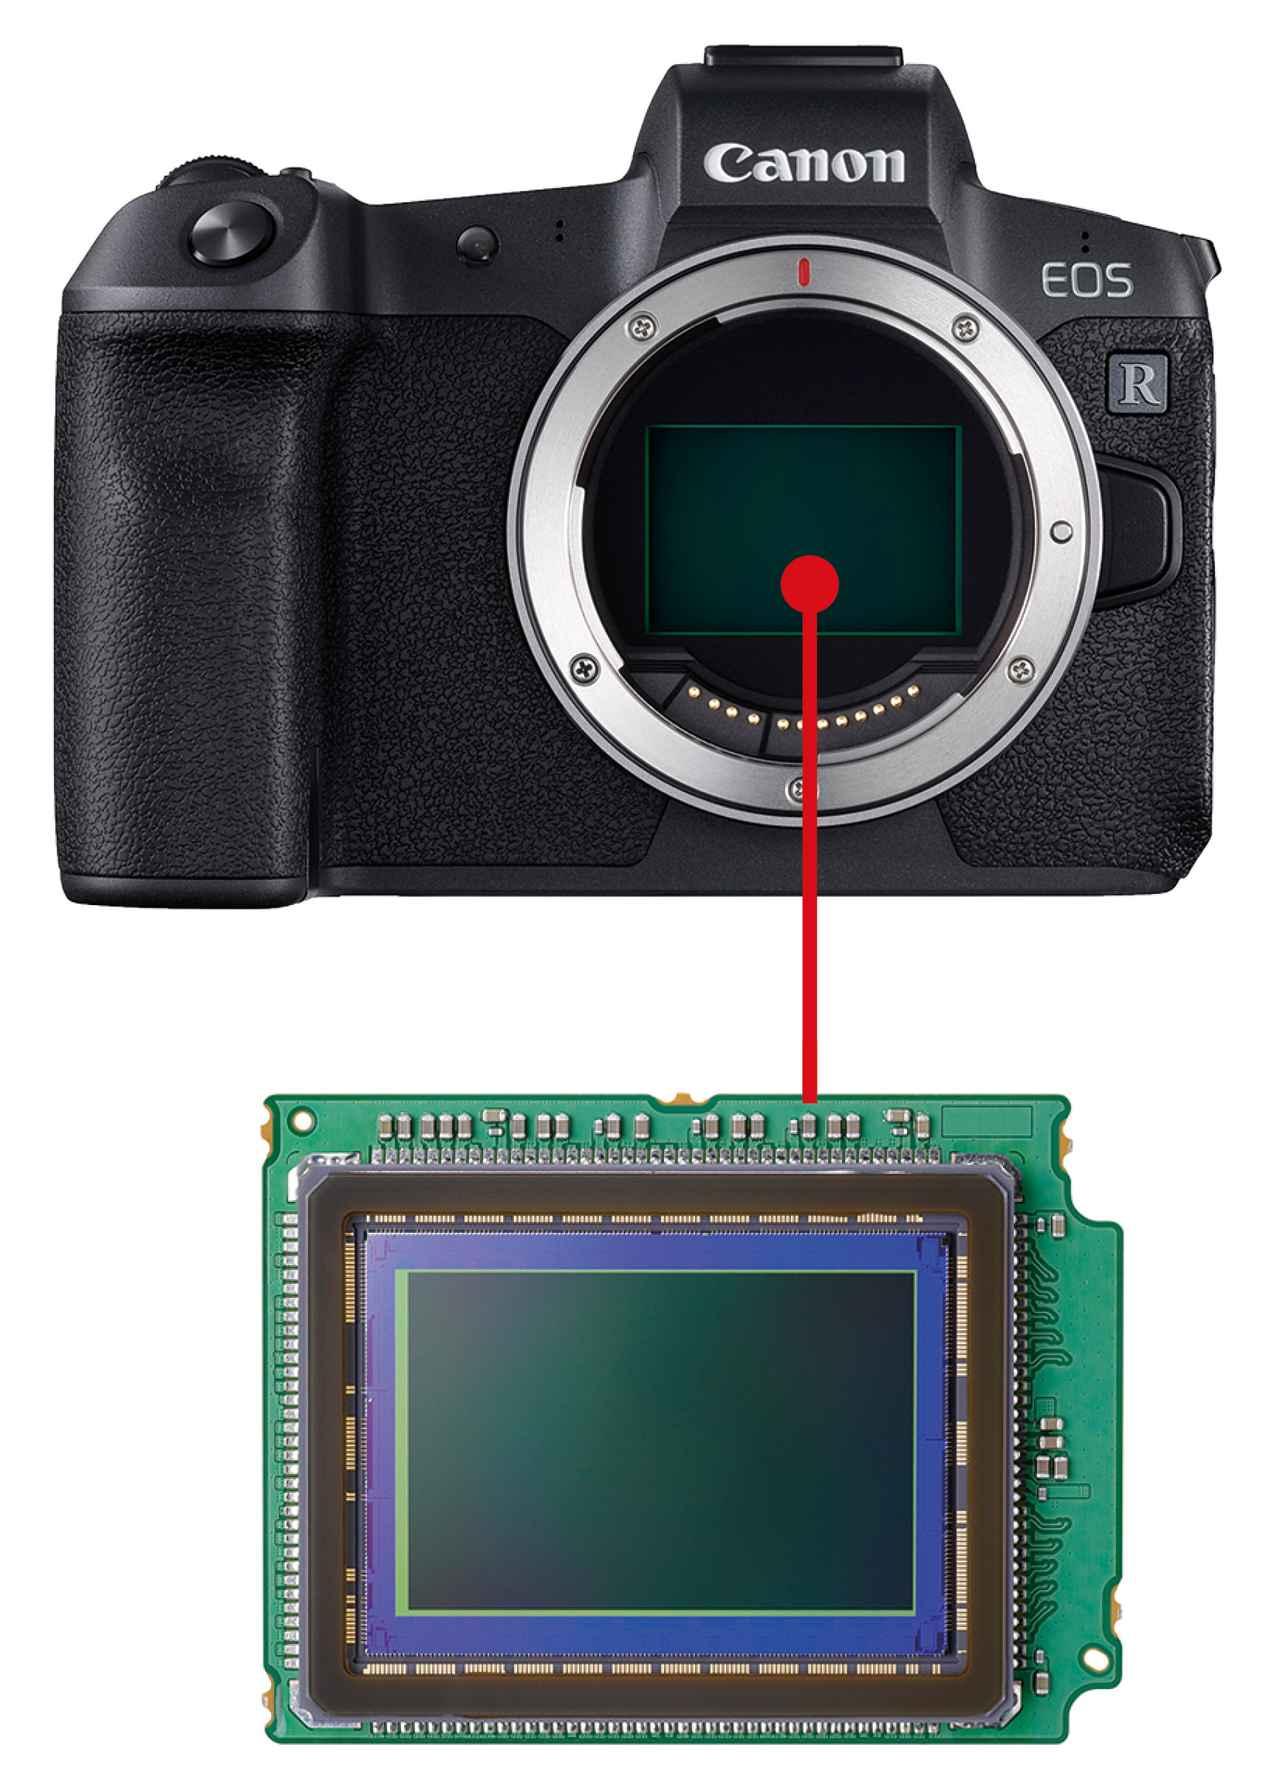 画像: 撮像センサーのサイズは、交換レンズも含めたシステム全体の大きさを左右する。大きいほうが画質や高感度などの面で有利になる一方、機動性や価格の手ごろさを重視するなら小さいほうが有利となる。